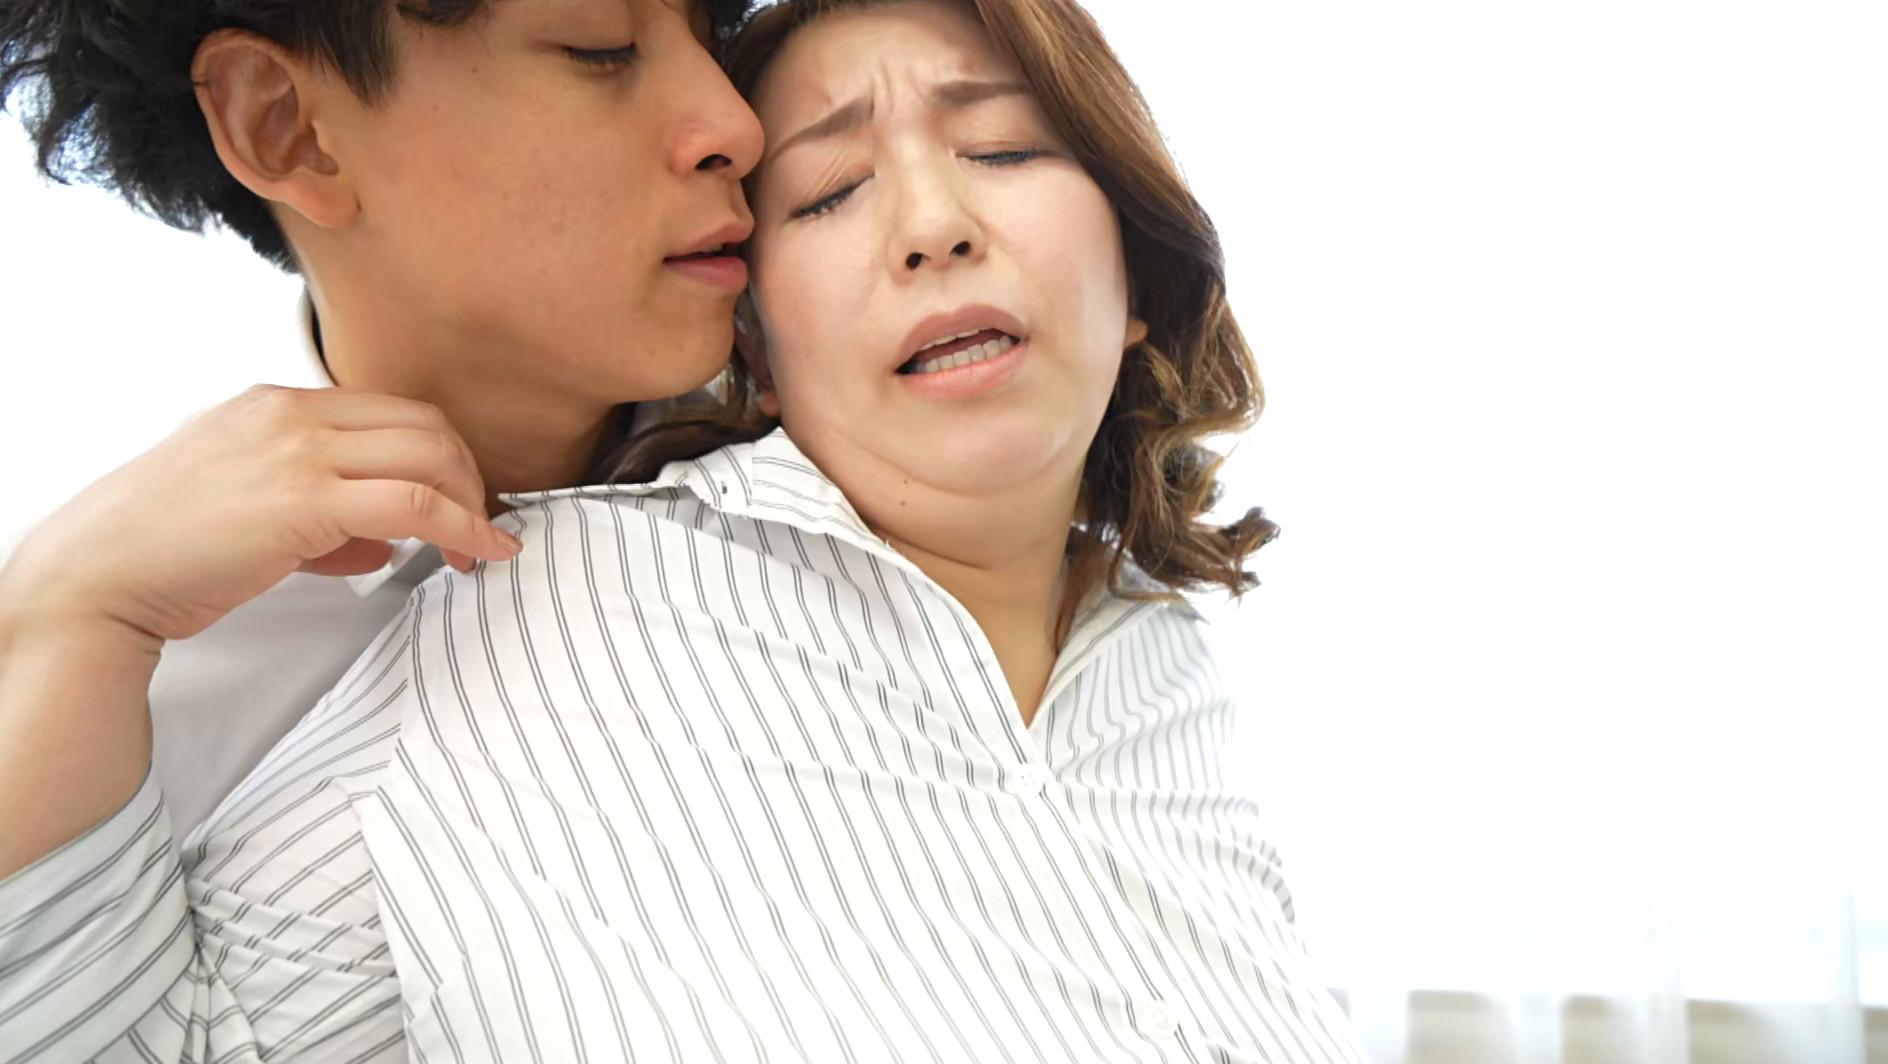 声が出せない絶頂授業で10倍濡れる人妻教師 折原ゆかり 画像4